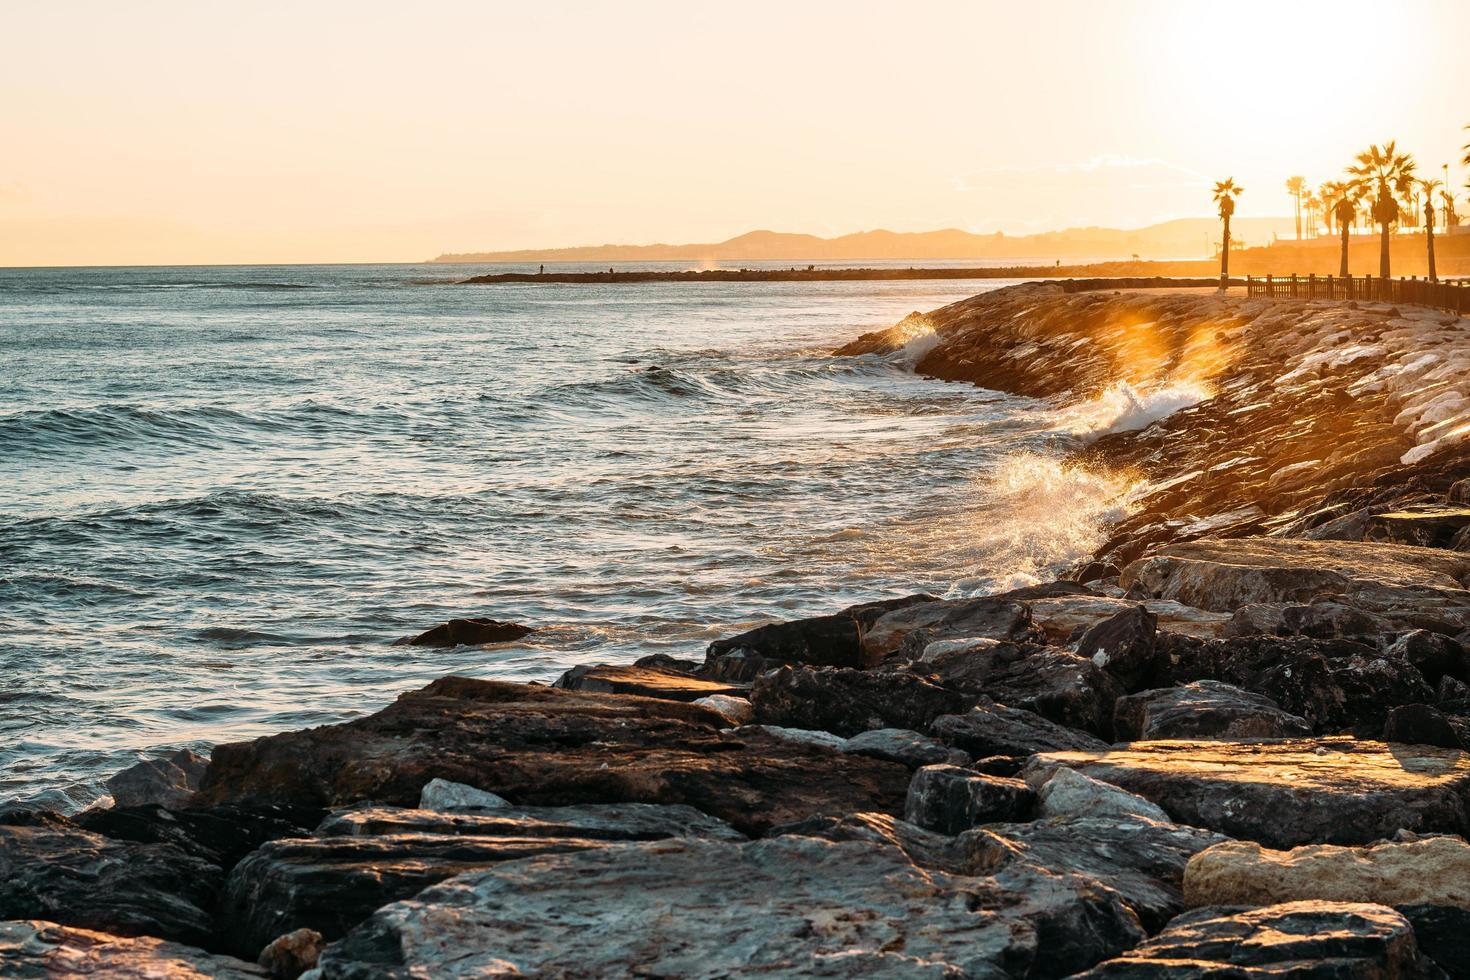 onde che schizzano sulla spiaggia rocciosa durante l'ora d'oro foto